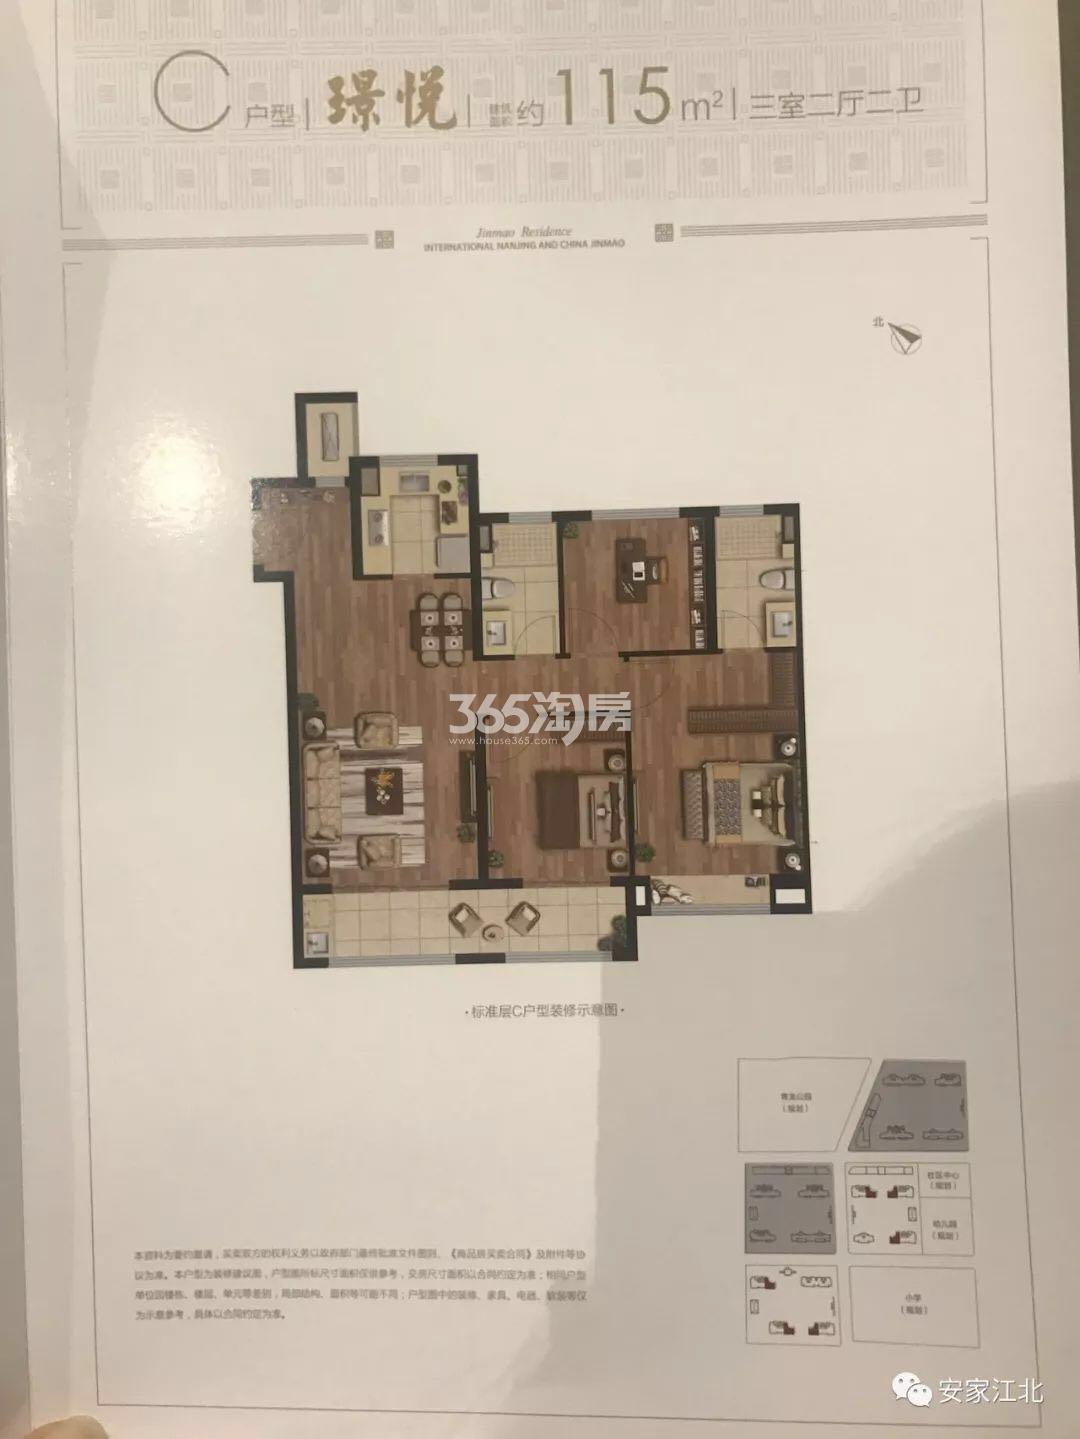 扬子江金茂悦115㎡三室两厅两卫户型